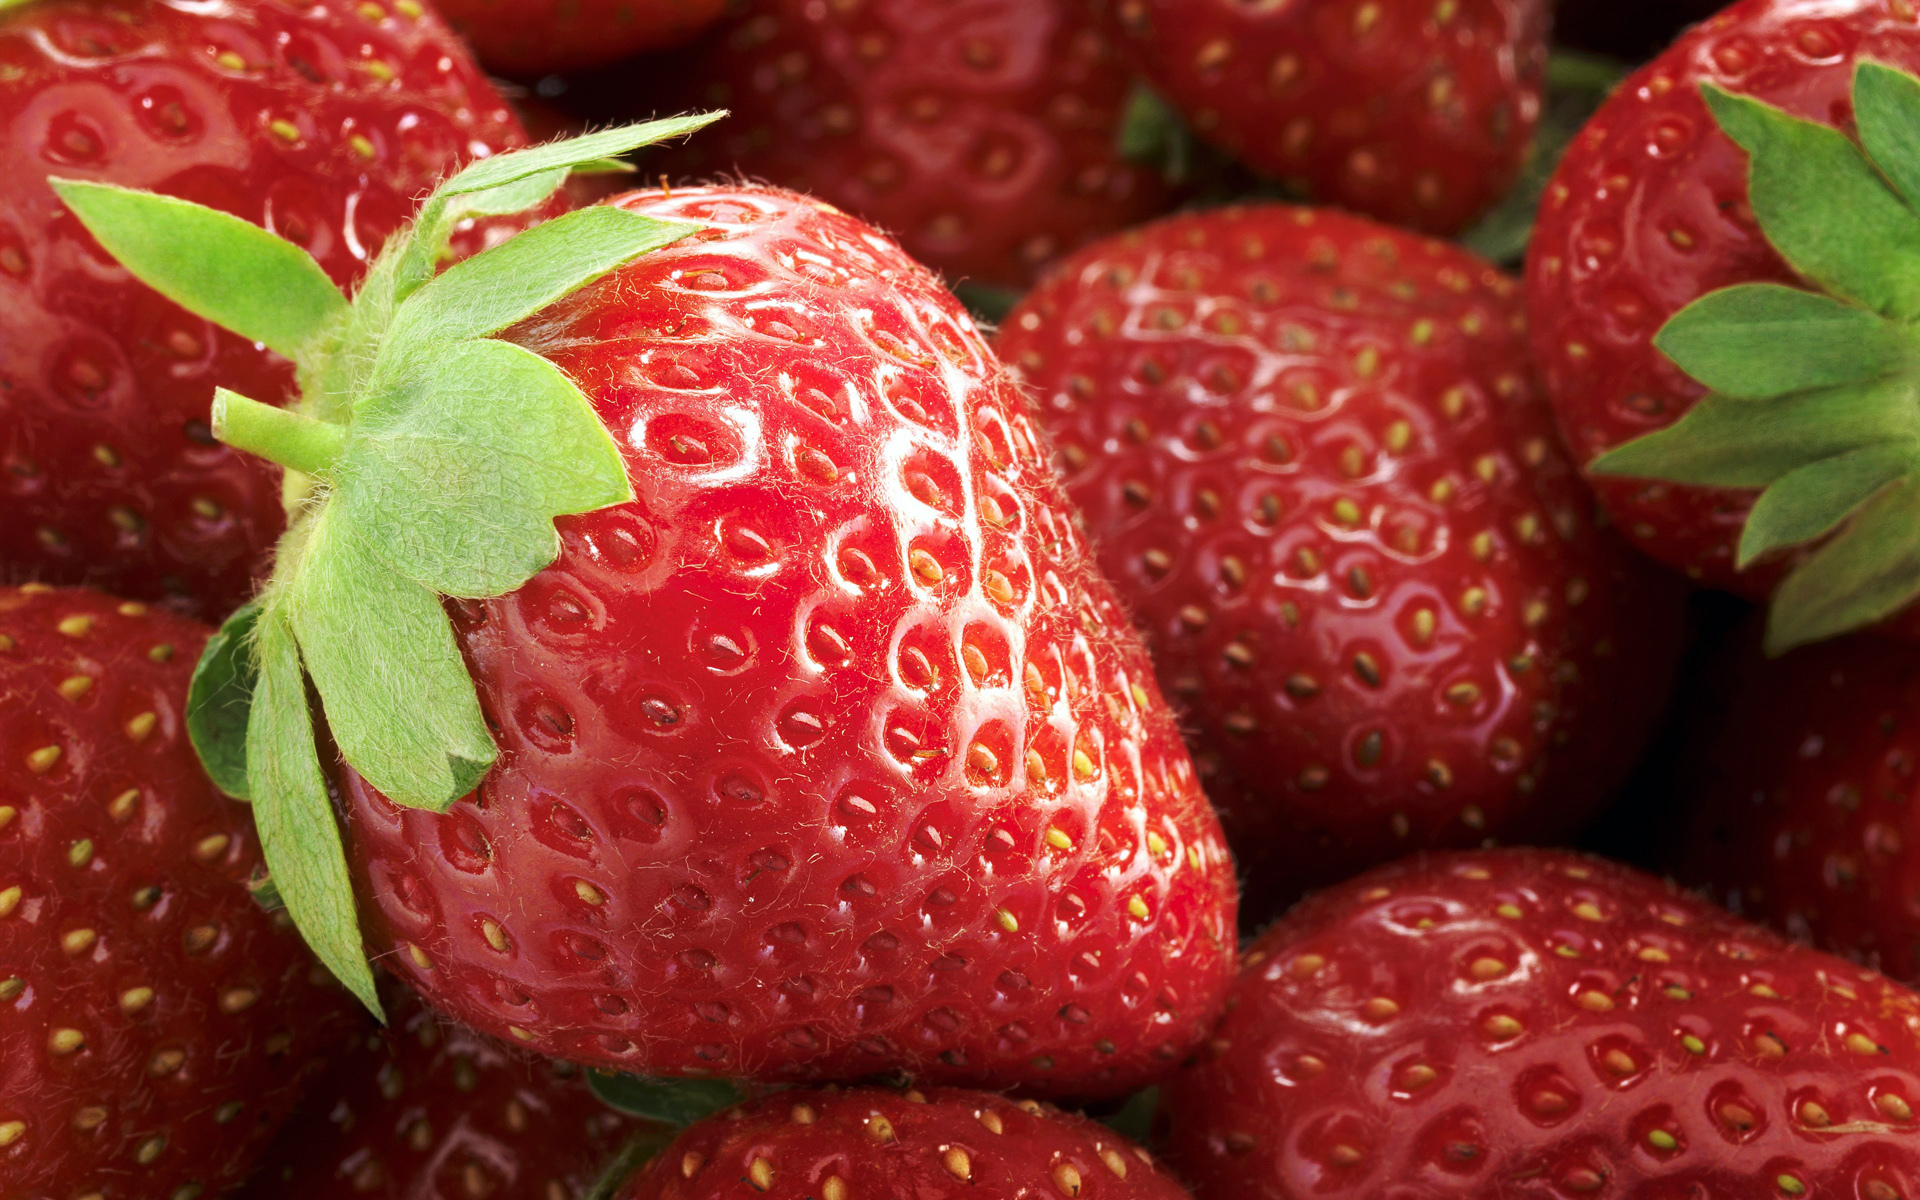 Handy-Wallpaper Obst, Lebensmittel, Erdbeere, Hintergrund, Berries kostenlos herunterladen.